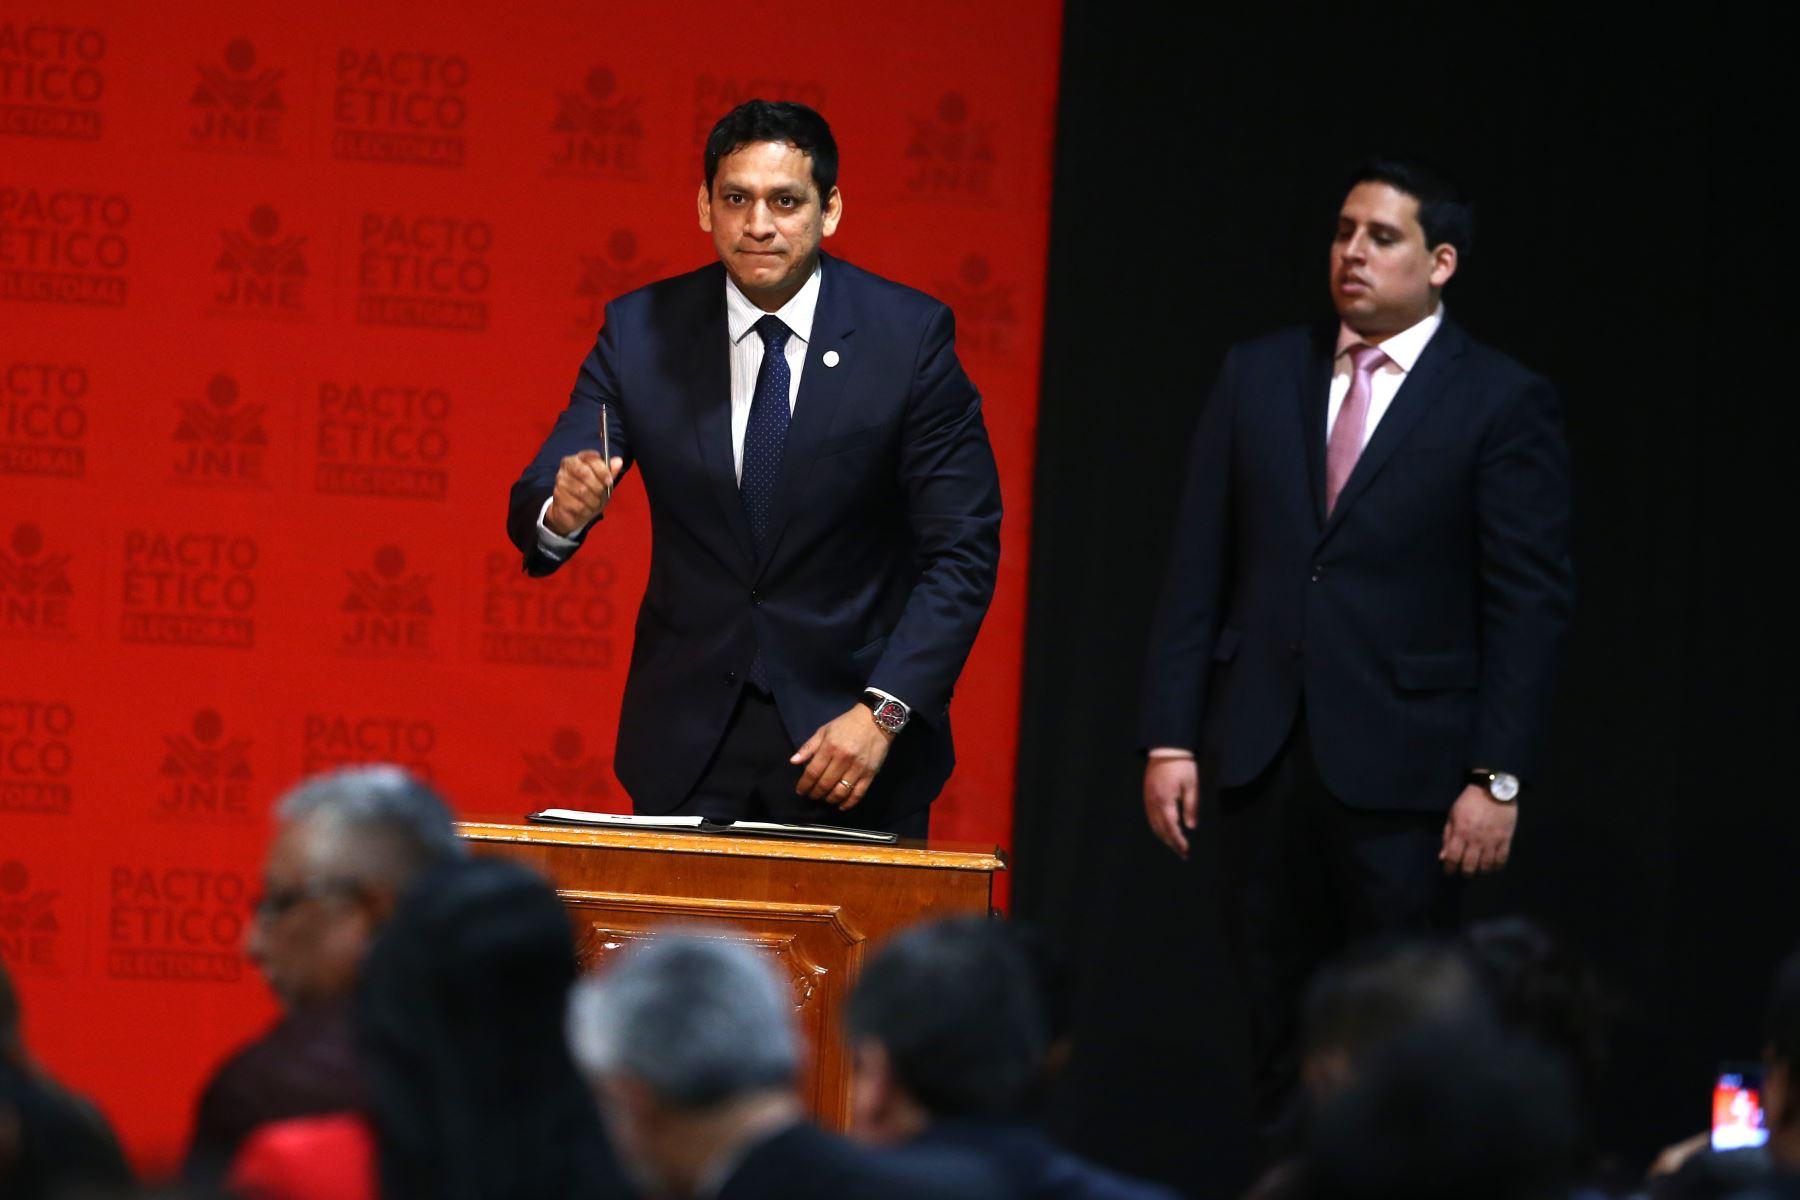 Luis Valdez representantes del Partido alianza para el Progreso participa en firma del Pacto Ético Electoral. Foto: ANDINA/Vidal Tarqui